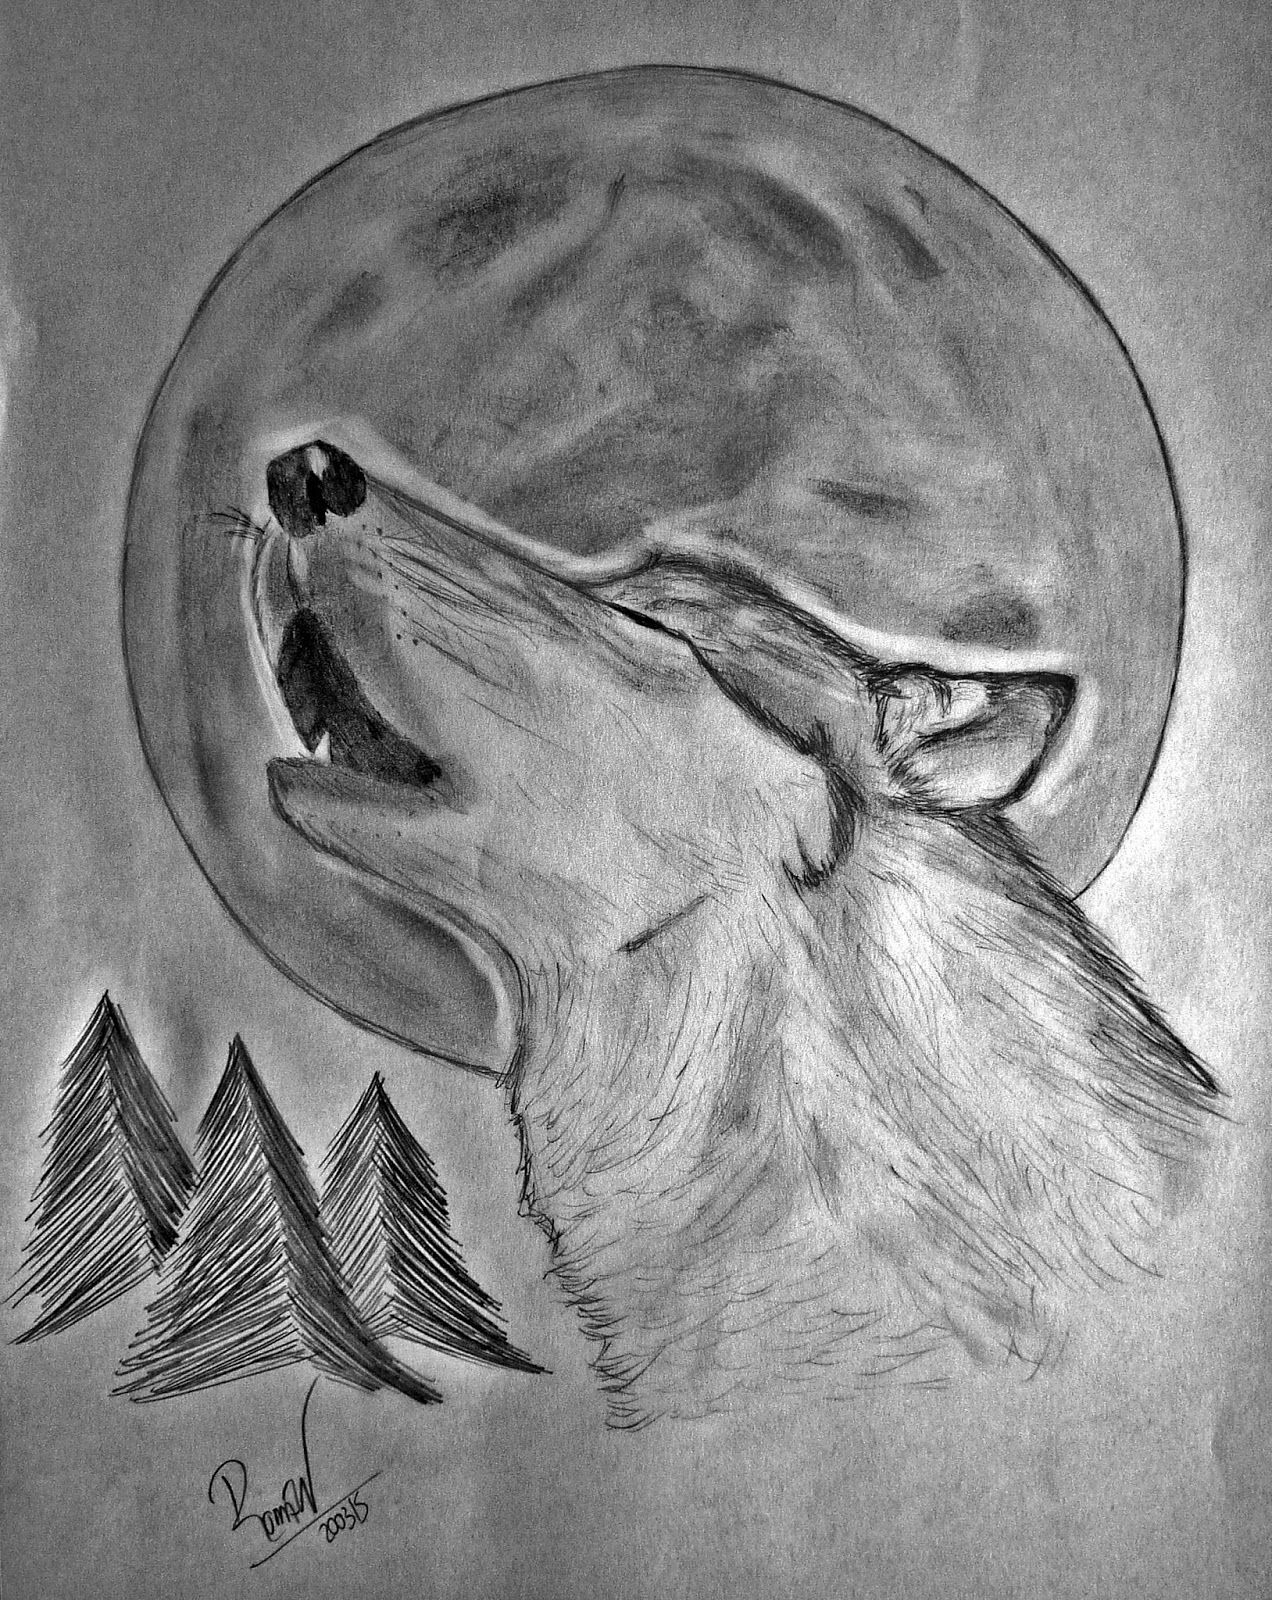 Resultado De Imagen Para Lobos Aullando Dibujos A Lapiz Lobo Dibujo A Lapiz Lobos A Lapiz Lobo Dibujo